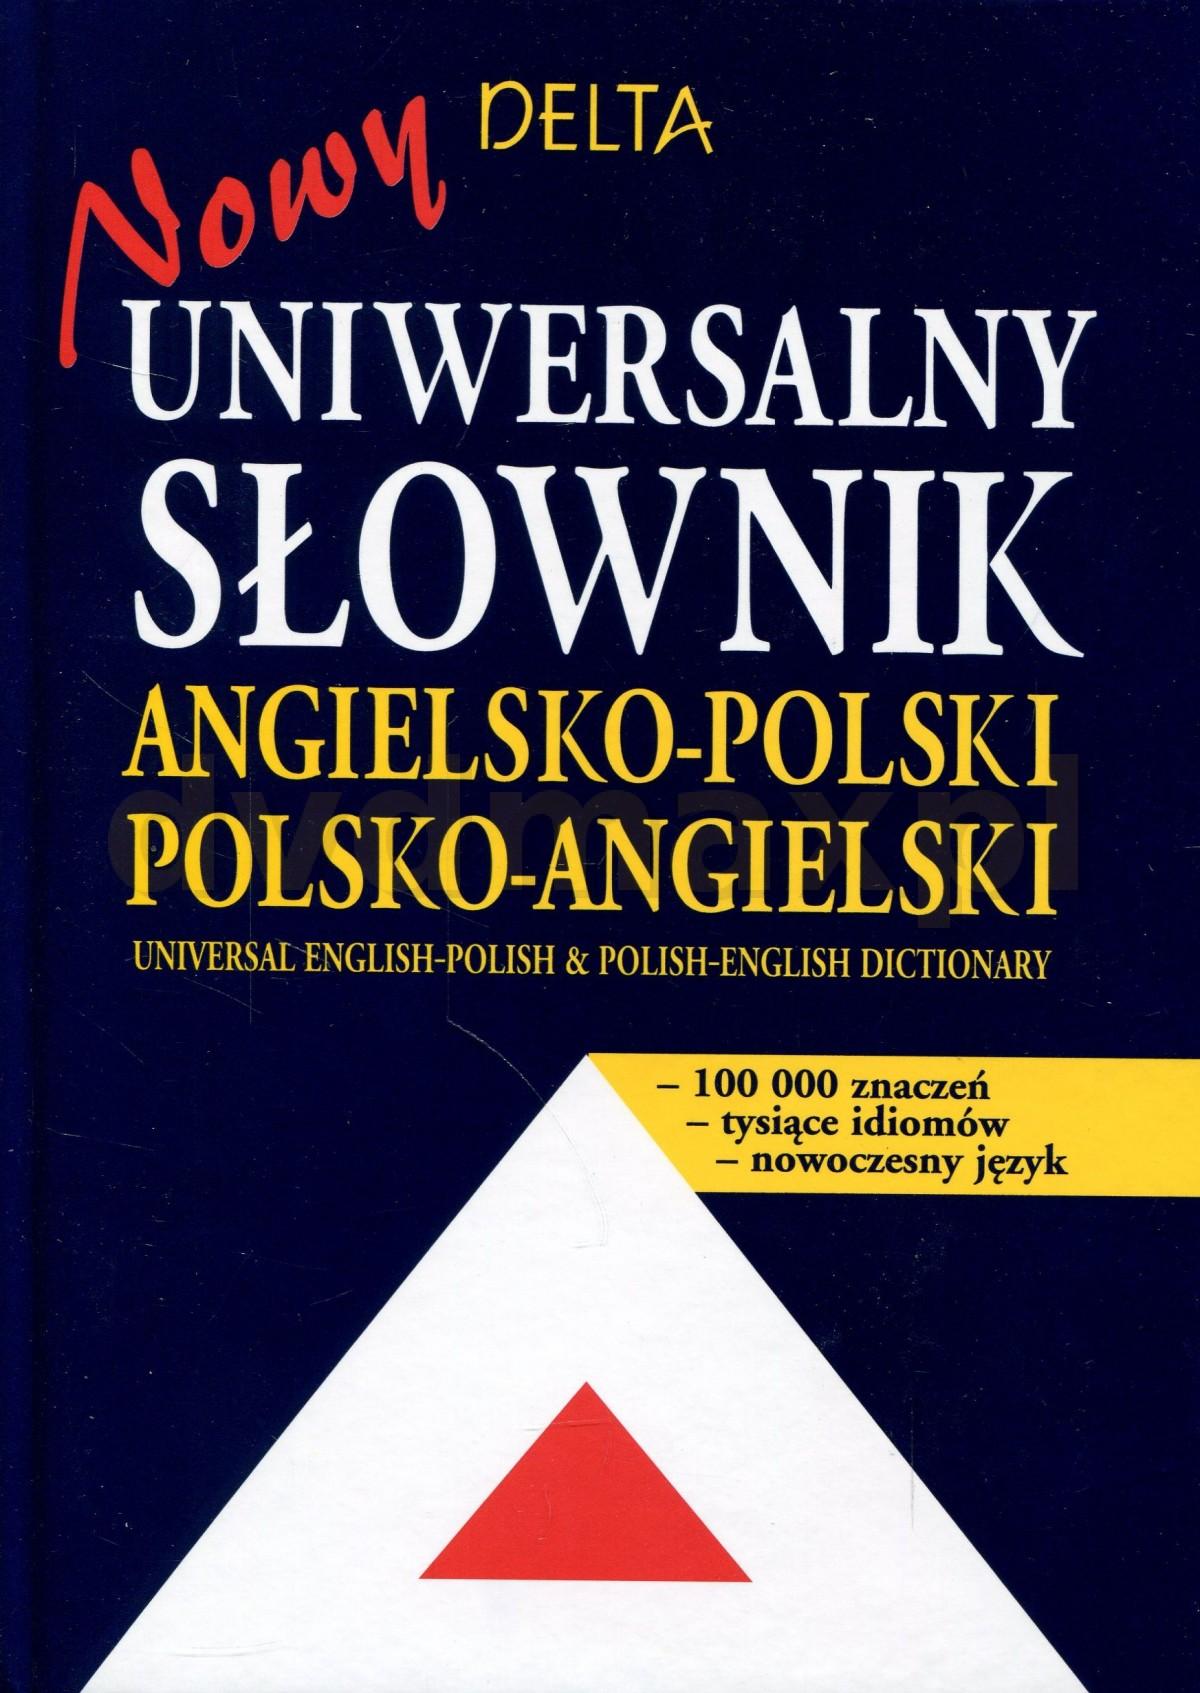 Uniwersalny słownik angielsko-polski, polsko-angielski - NOWY - Maria Szkutnik [KSIĄŻKA] - Maria Szkutnik